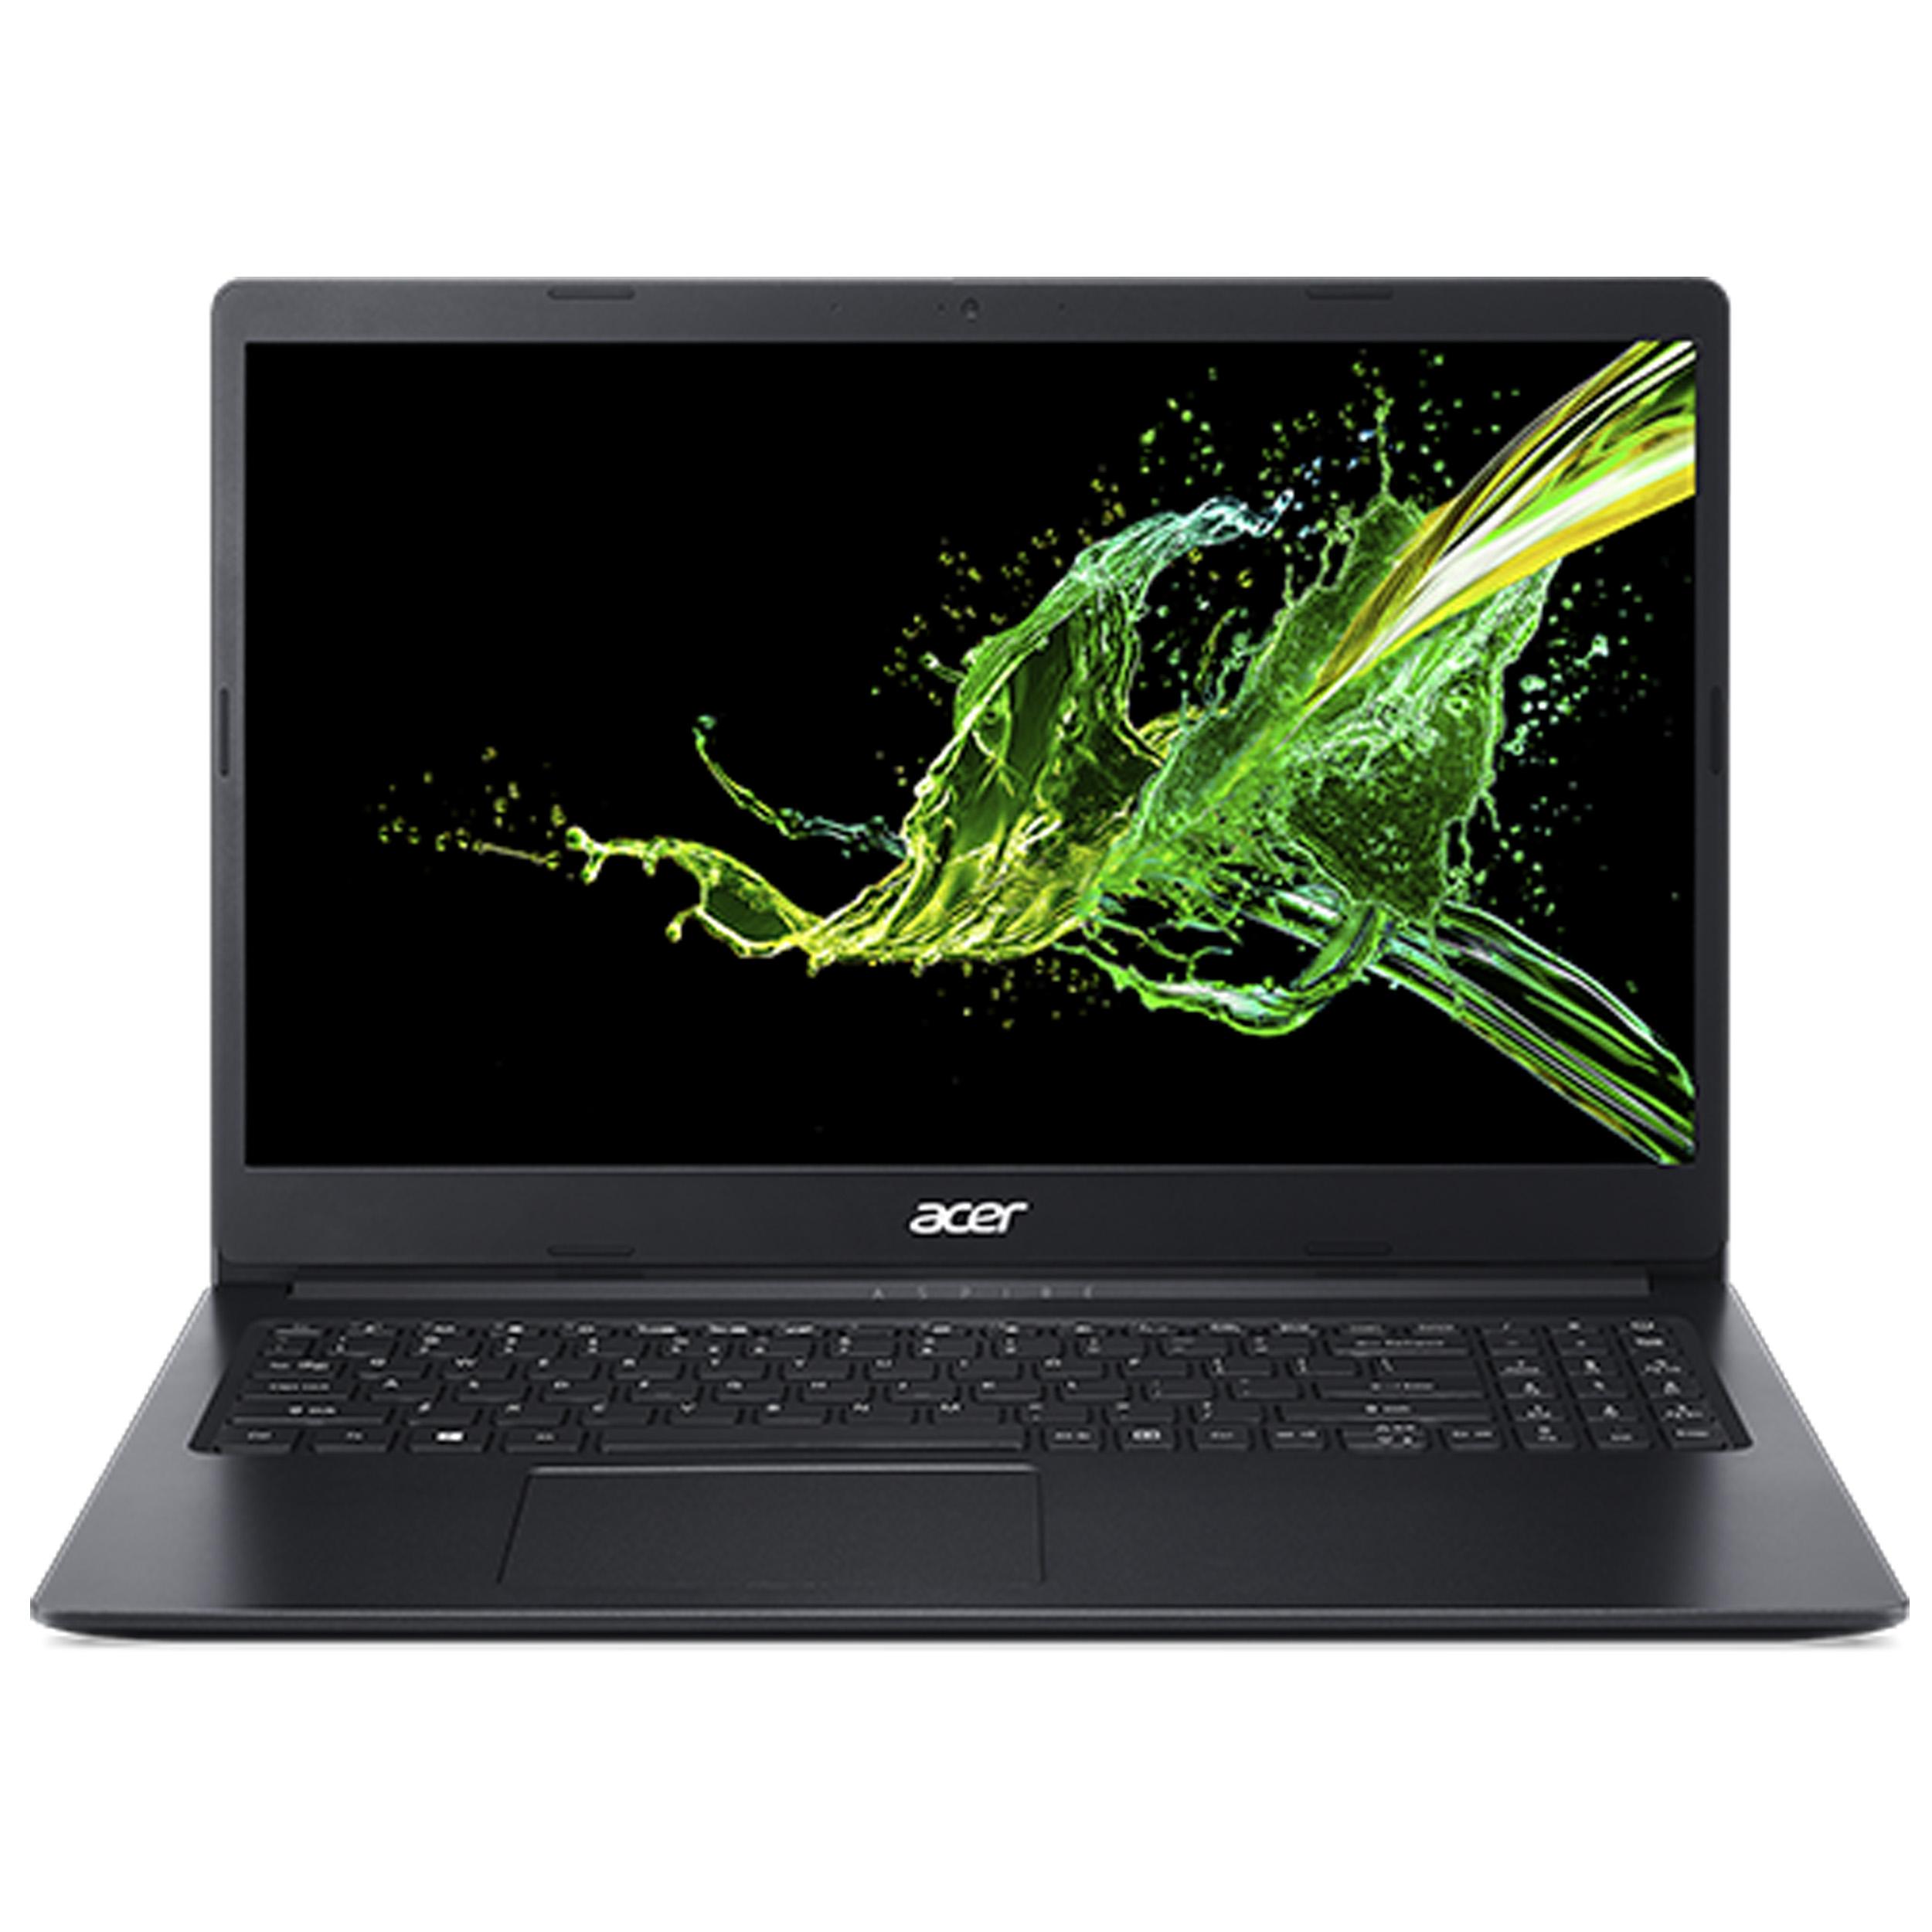 لپ تاپ 15 اینچی Acer مدل Aspire A315-55G-36F0